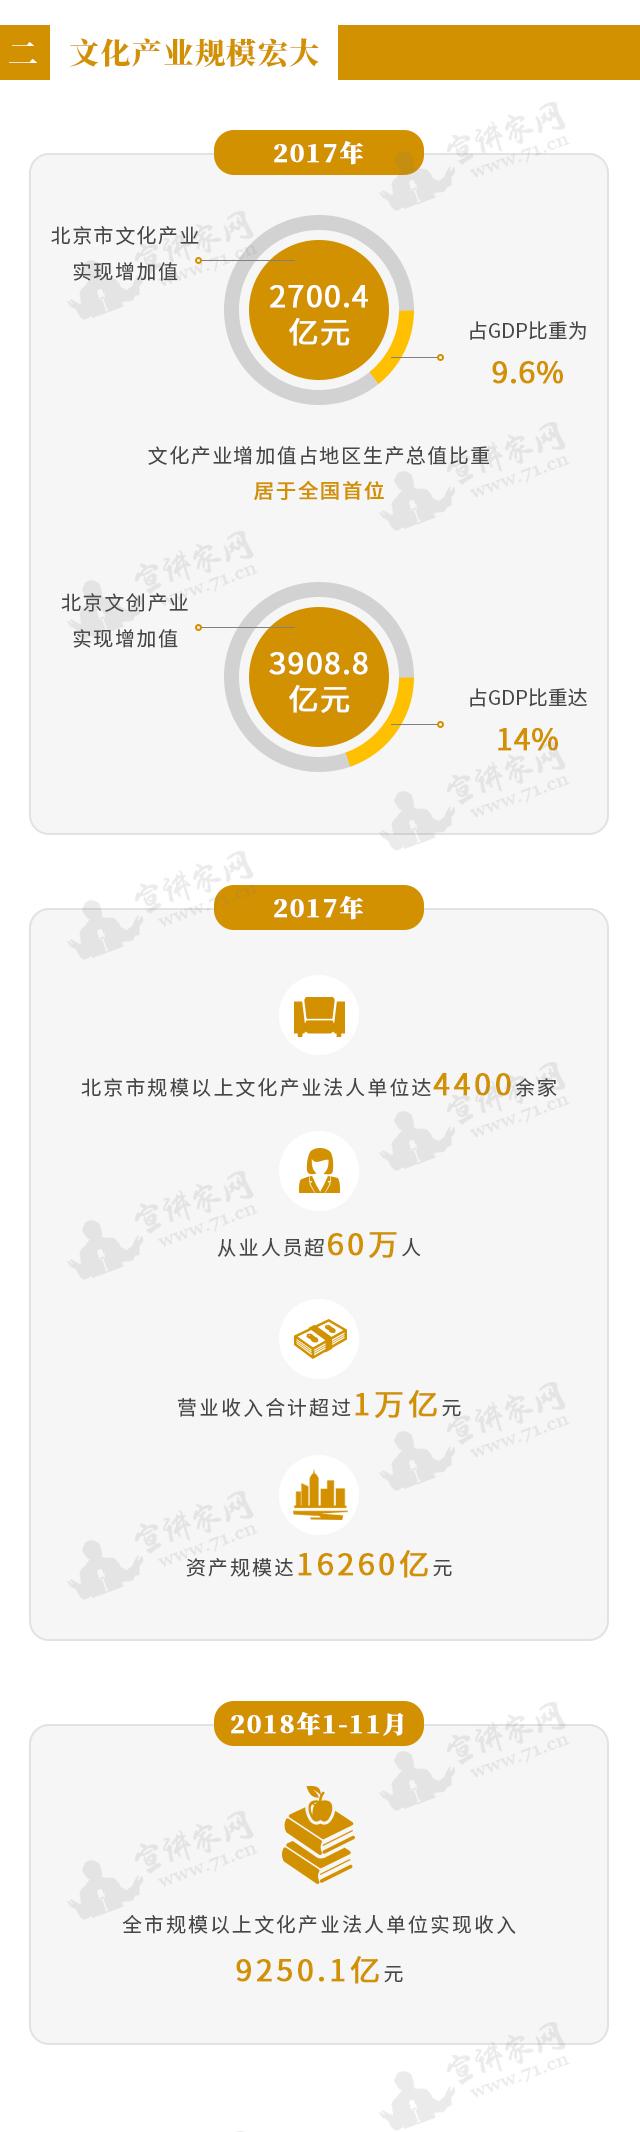 图说北京辉煌70年丨文化篇(三)文化产业蓬勃发展 展现新时代北京形象